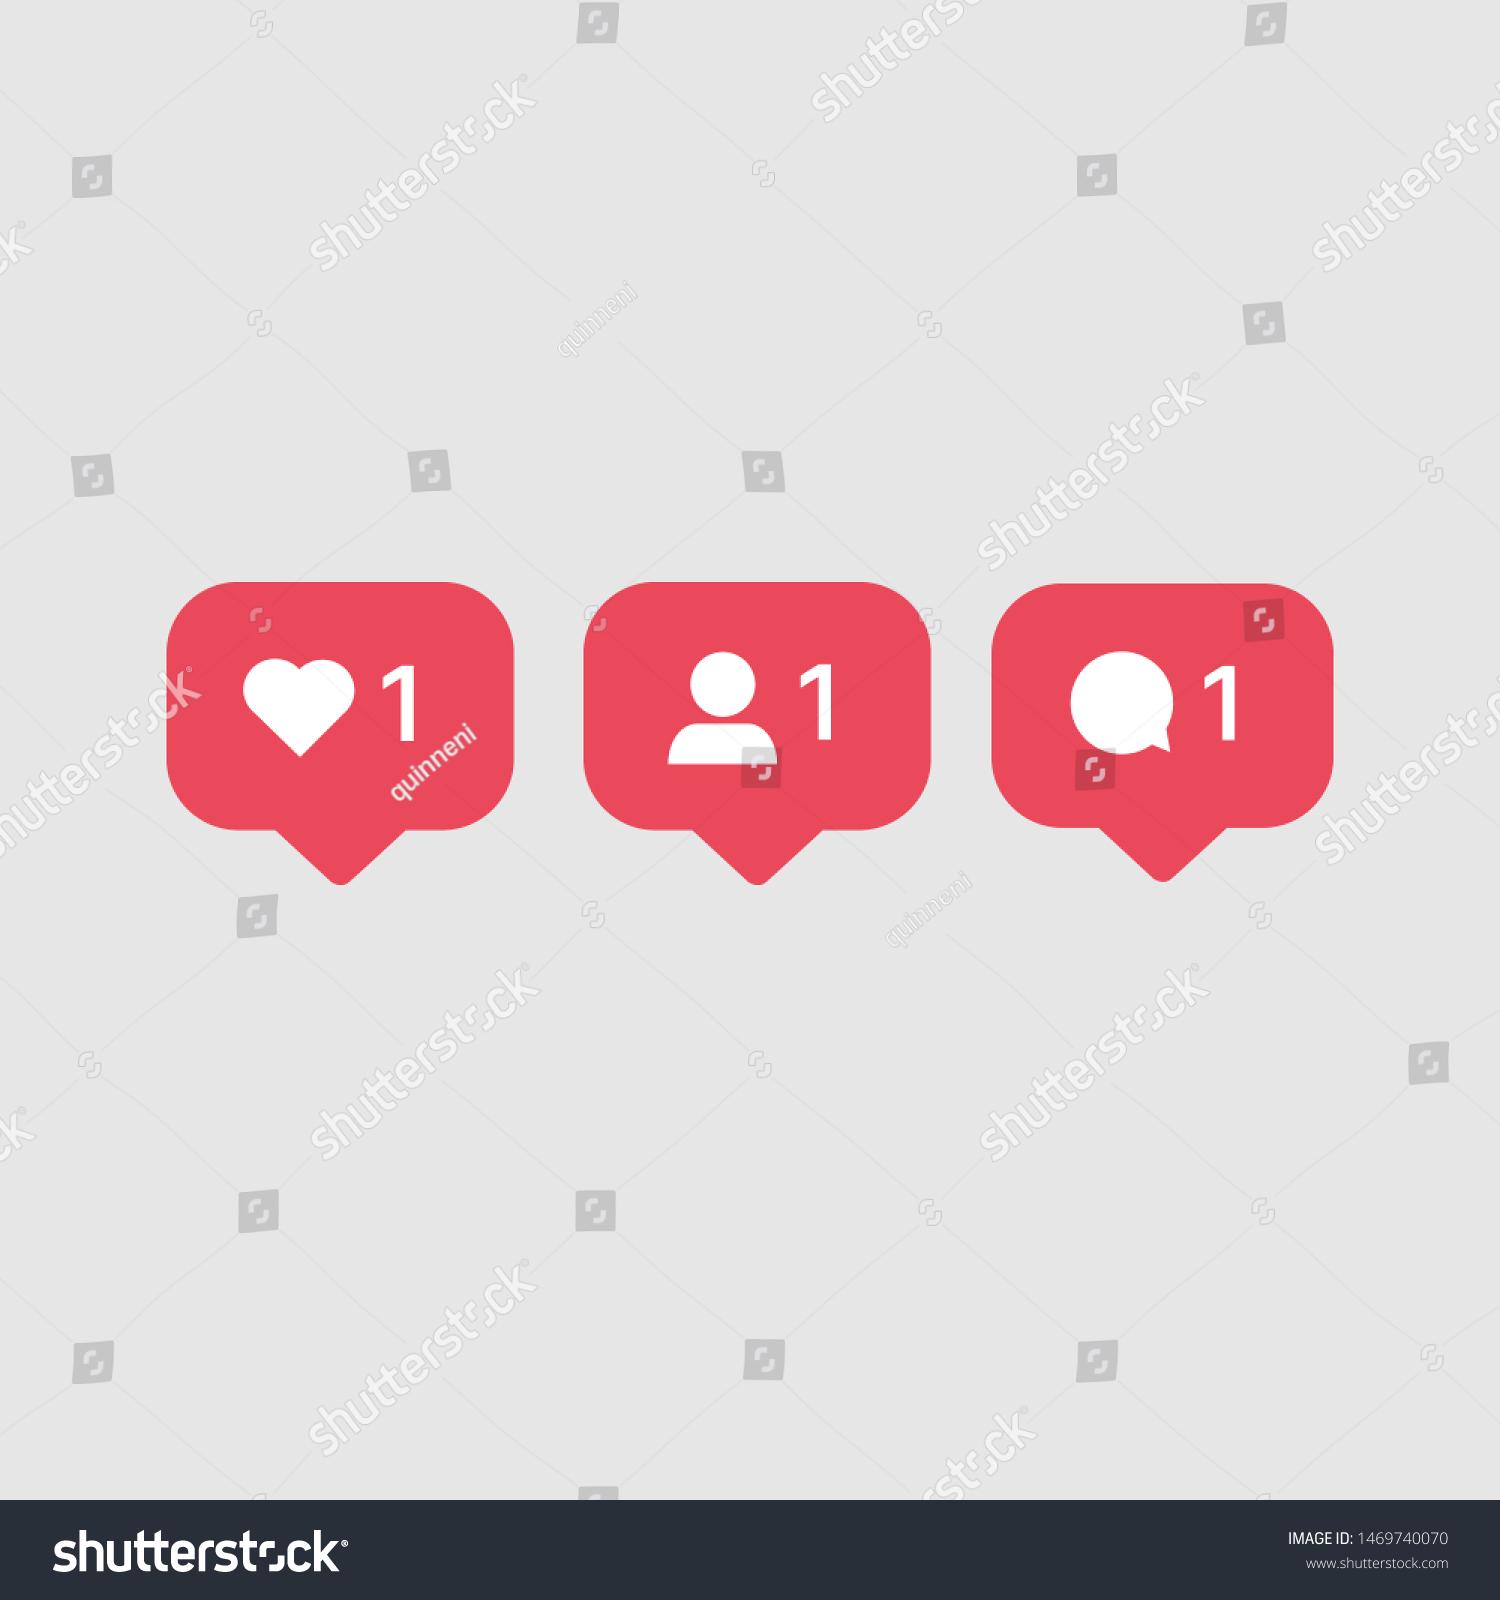 Instagram ähnliche Kommentare folgen Symbolen. Beliebte ...